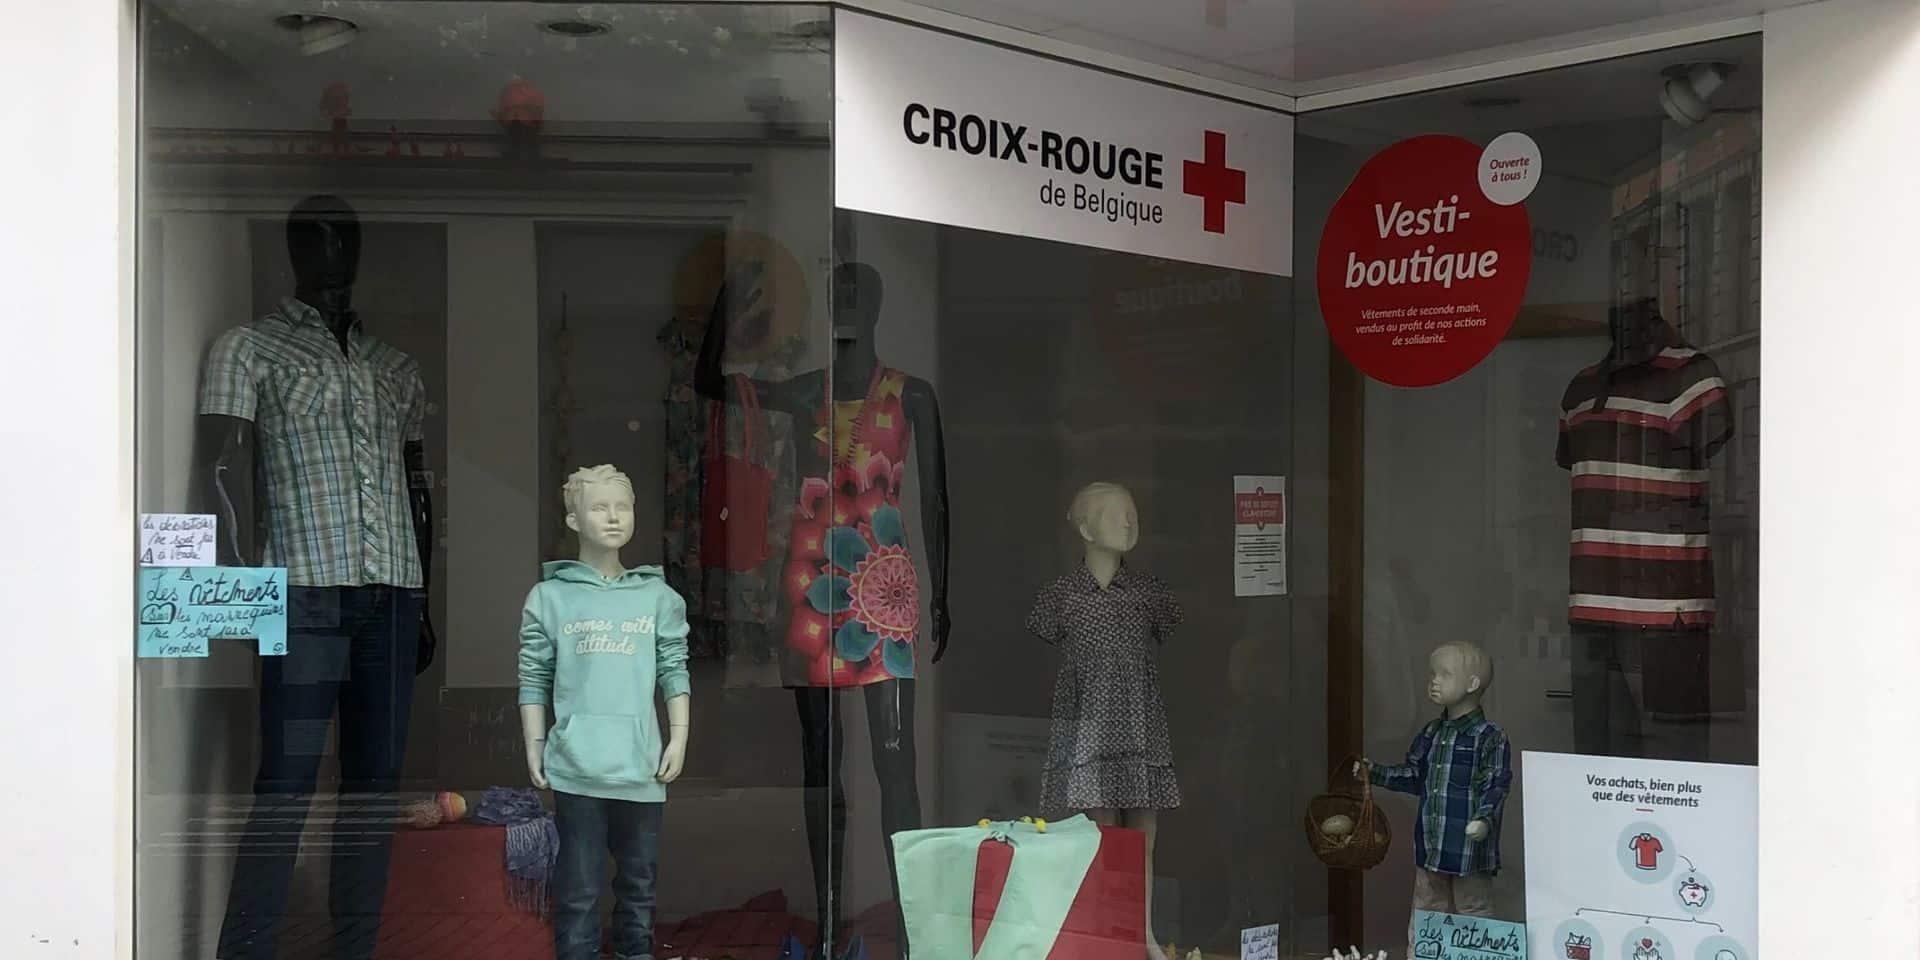 La vesti-boutique de la Croix Rouge est ouverte à tous.